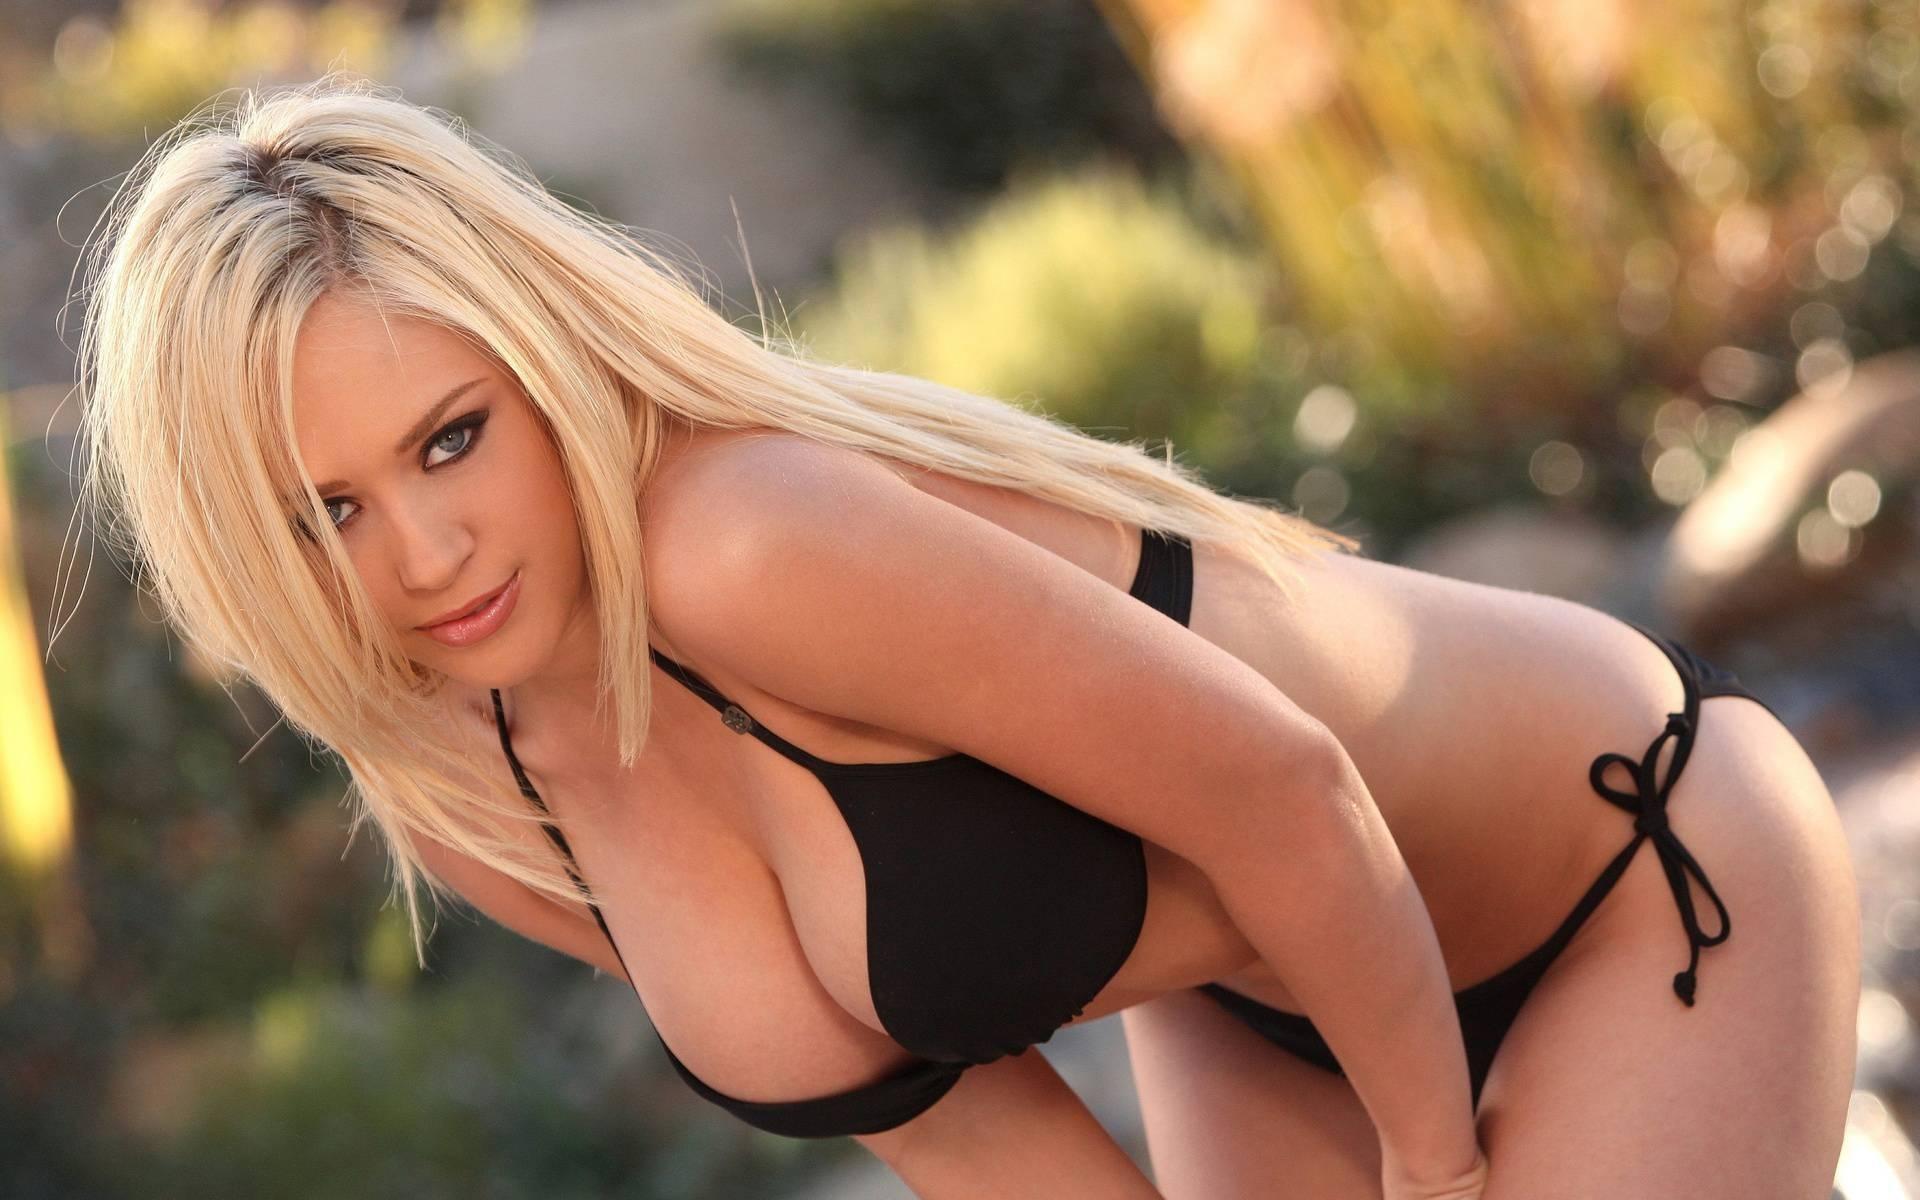 Models free sexy babes tv hot ass tattoo